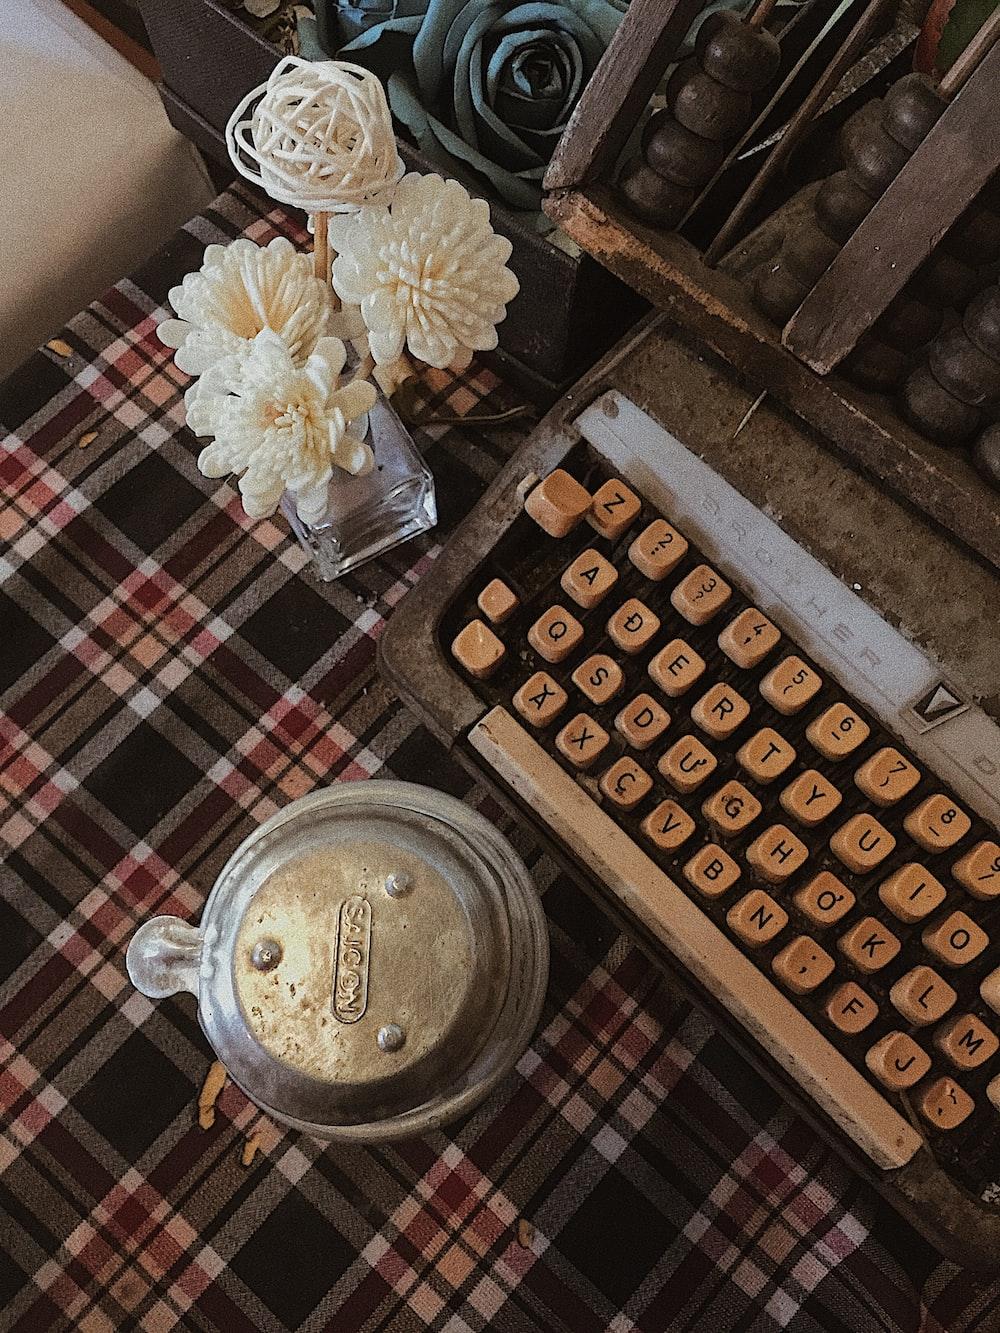 white flower centerpiece beside typewriter